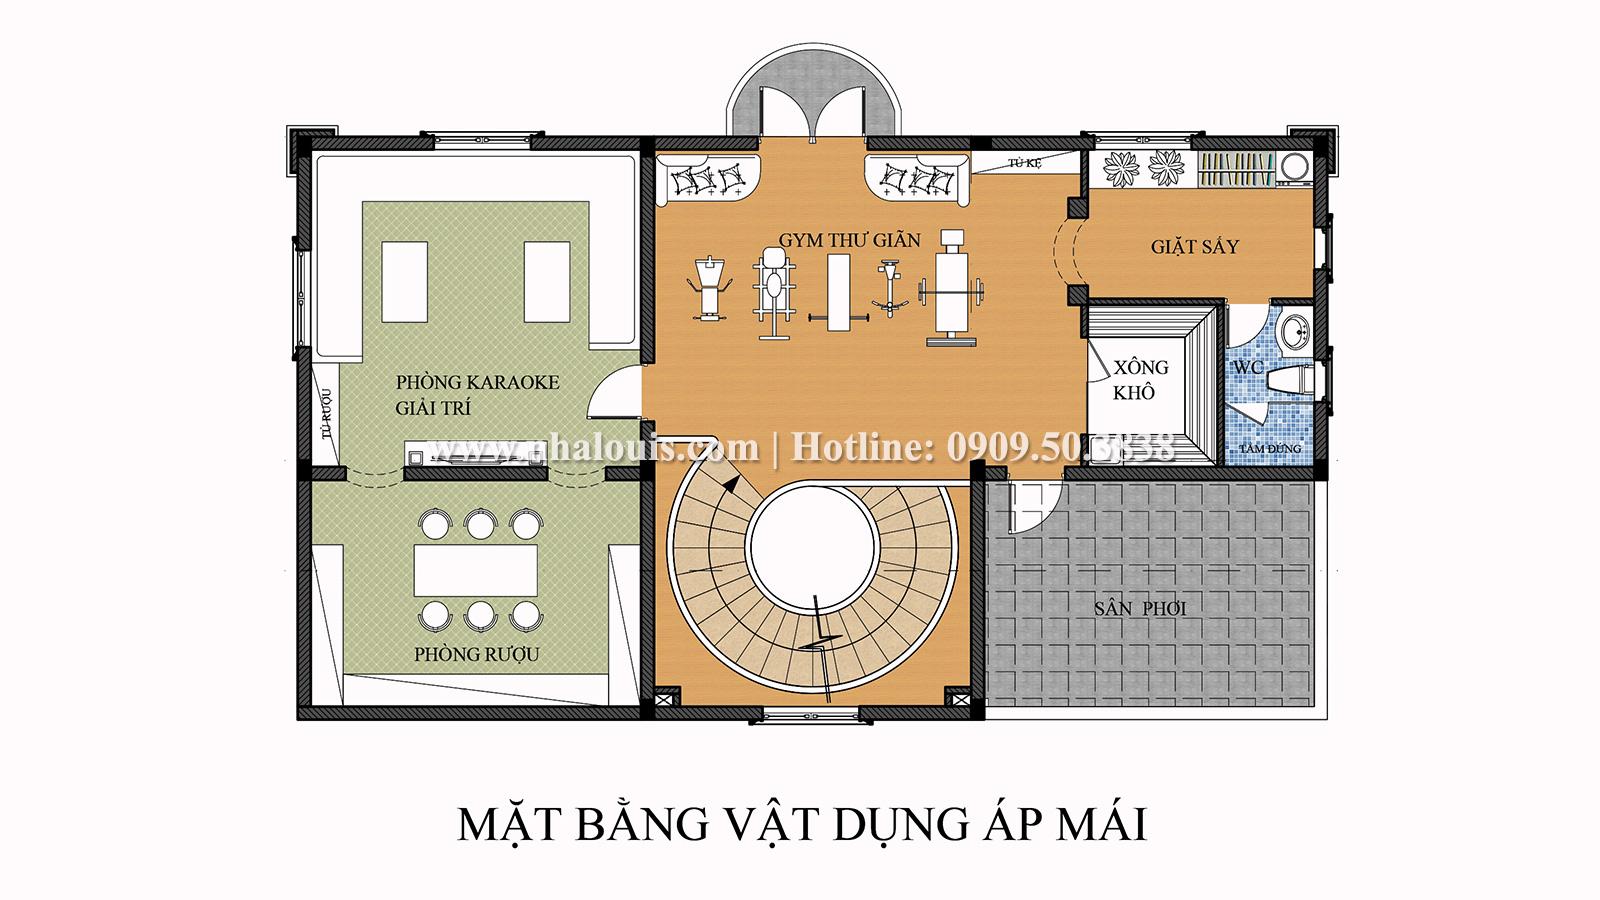 Mặt bằng tầng áp mái Mẫu biệt thự 4 tầng phong cách tân cổ điển nổi bật tại Thanh Hóa - 08